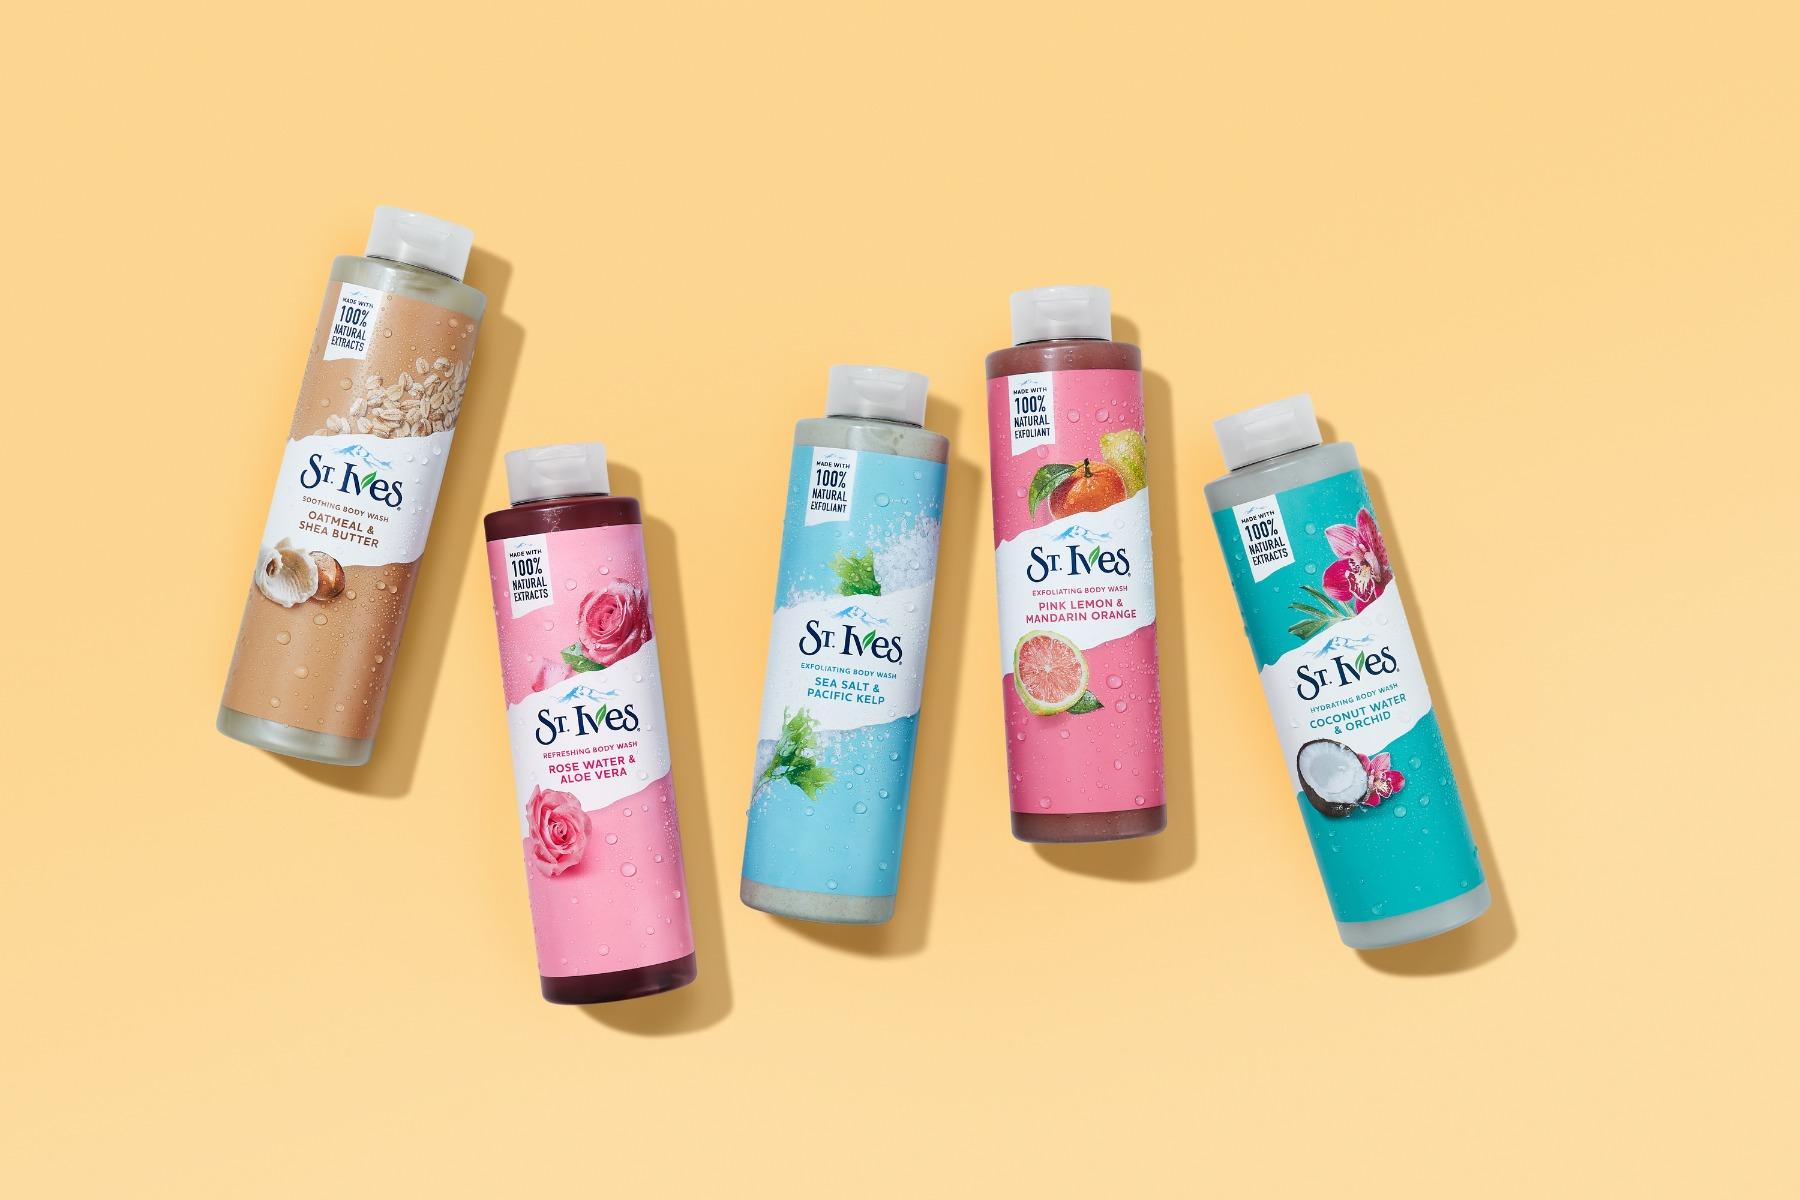 Sữa Tắm St.Ives Dưỡng Da Body Wash